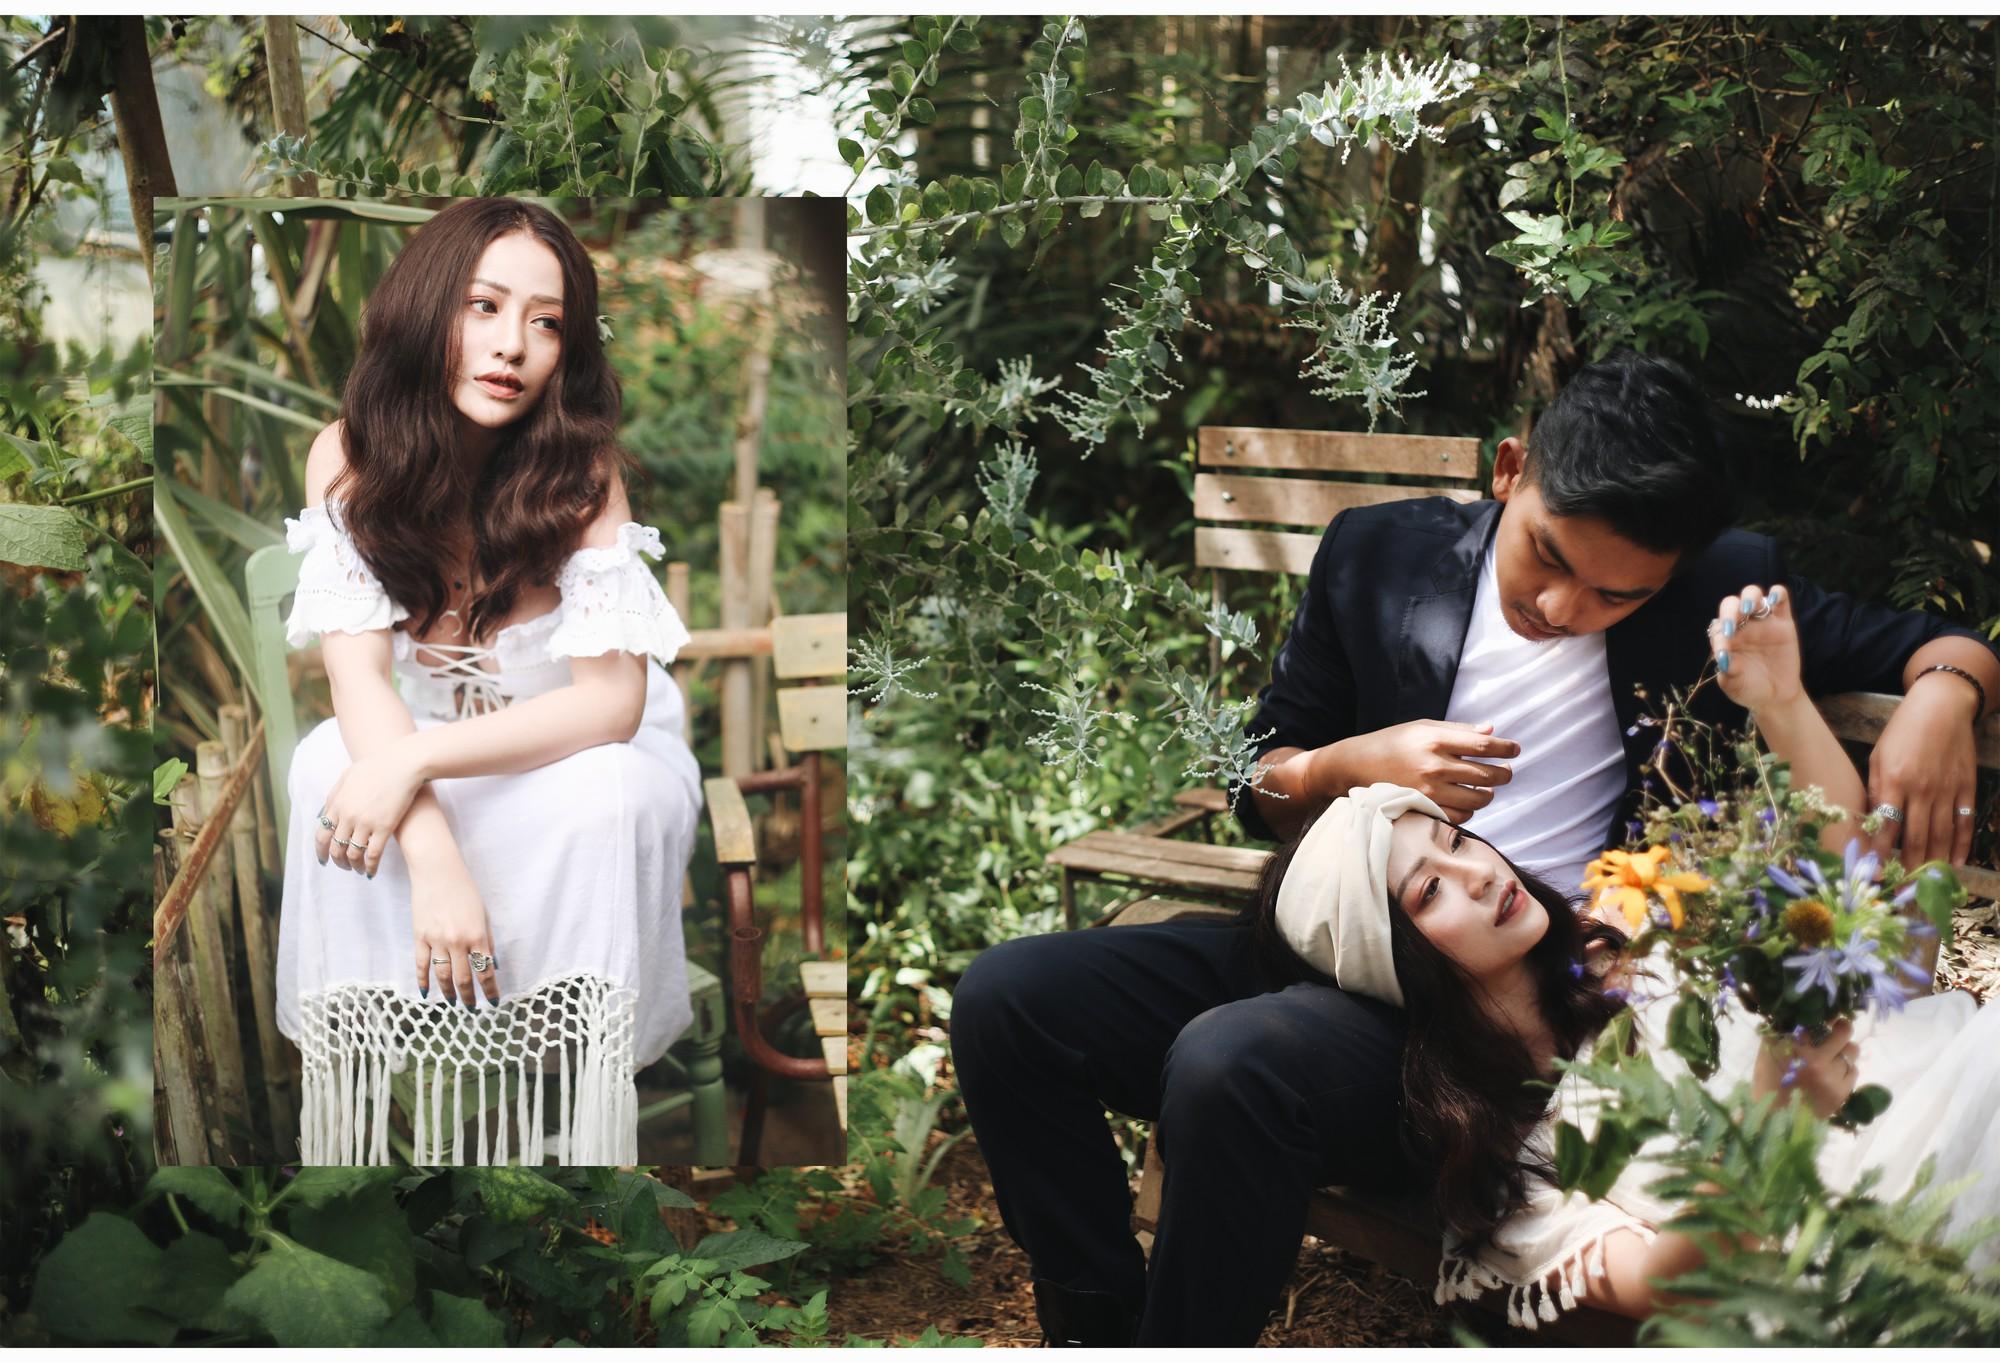 Trước hôn lễ vài ngày, cuối cùng MiA cũng hé lộ loạt ảnh cưới đẹp như MV khiến dân tình ngất ngây - Ảnh 3.